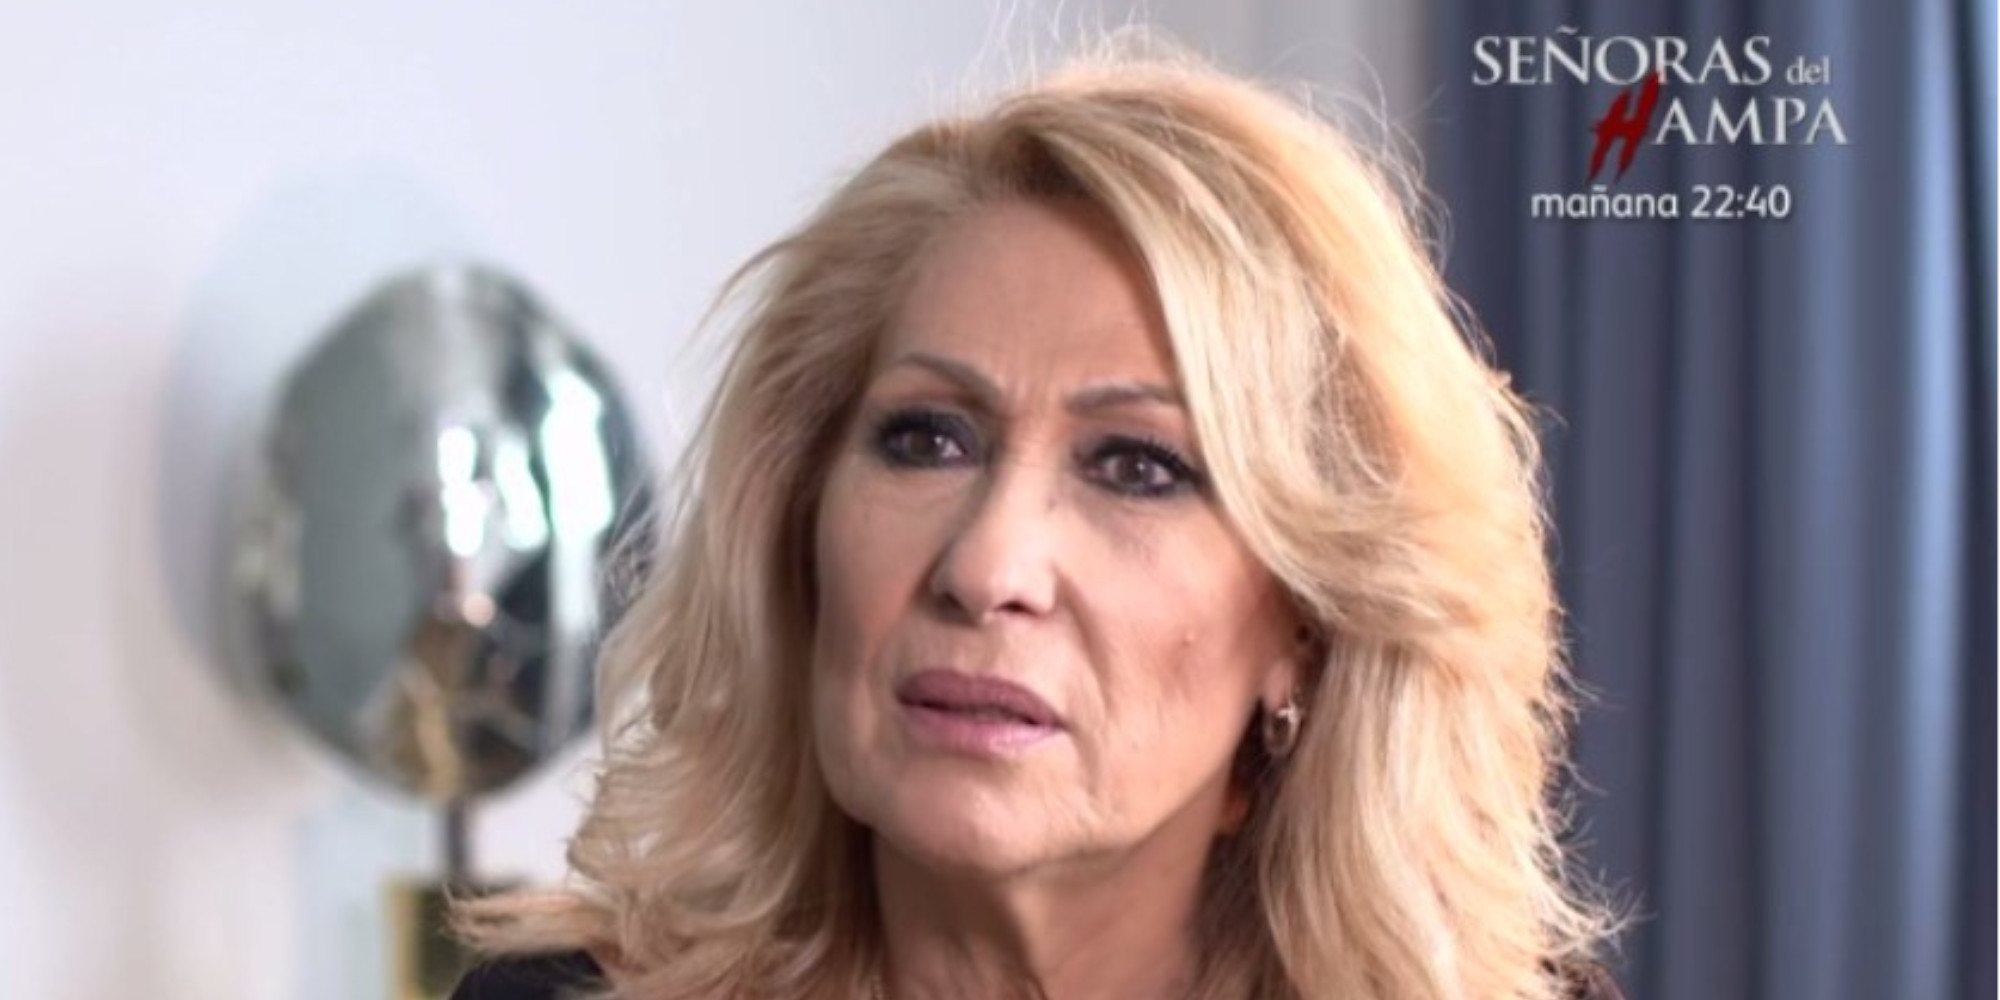 """La sorprendente revelación de Rosa Benito en 'Ven a cenar conmigo': """"He pasado una semana con Amador Mohedano"""""""